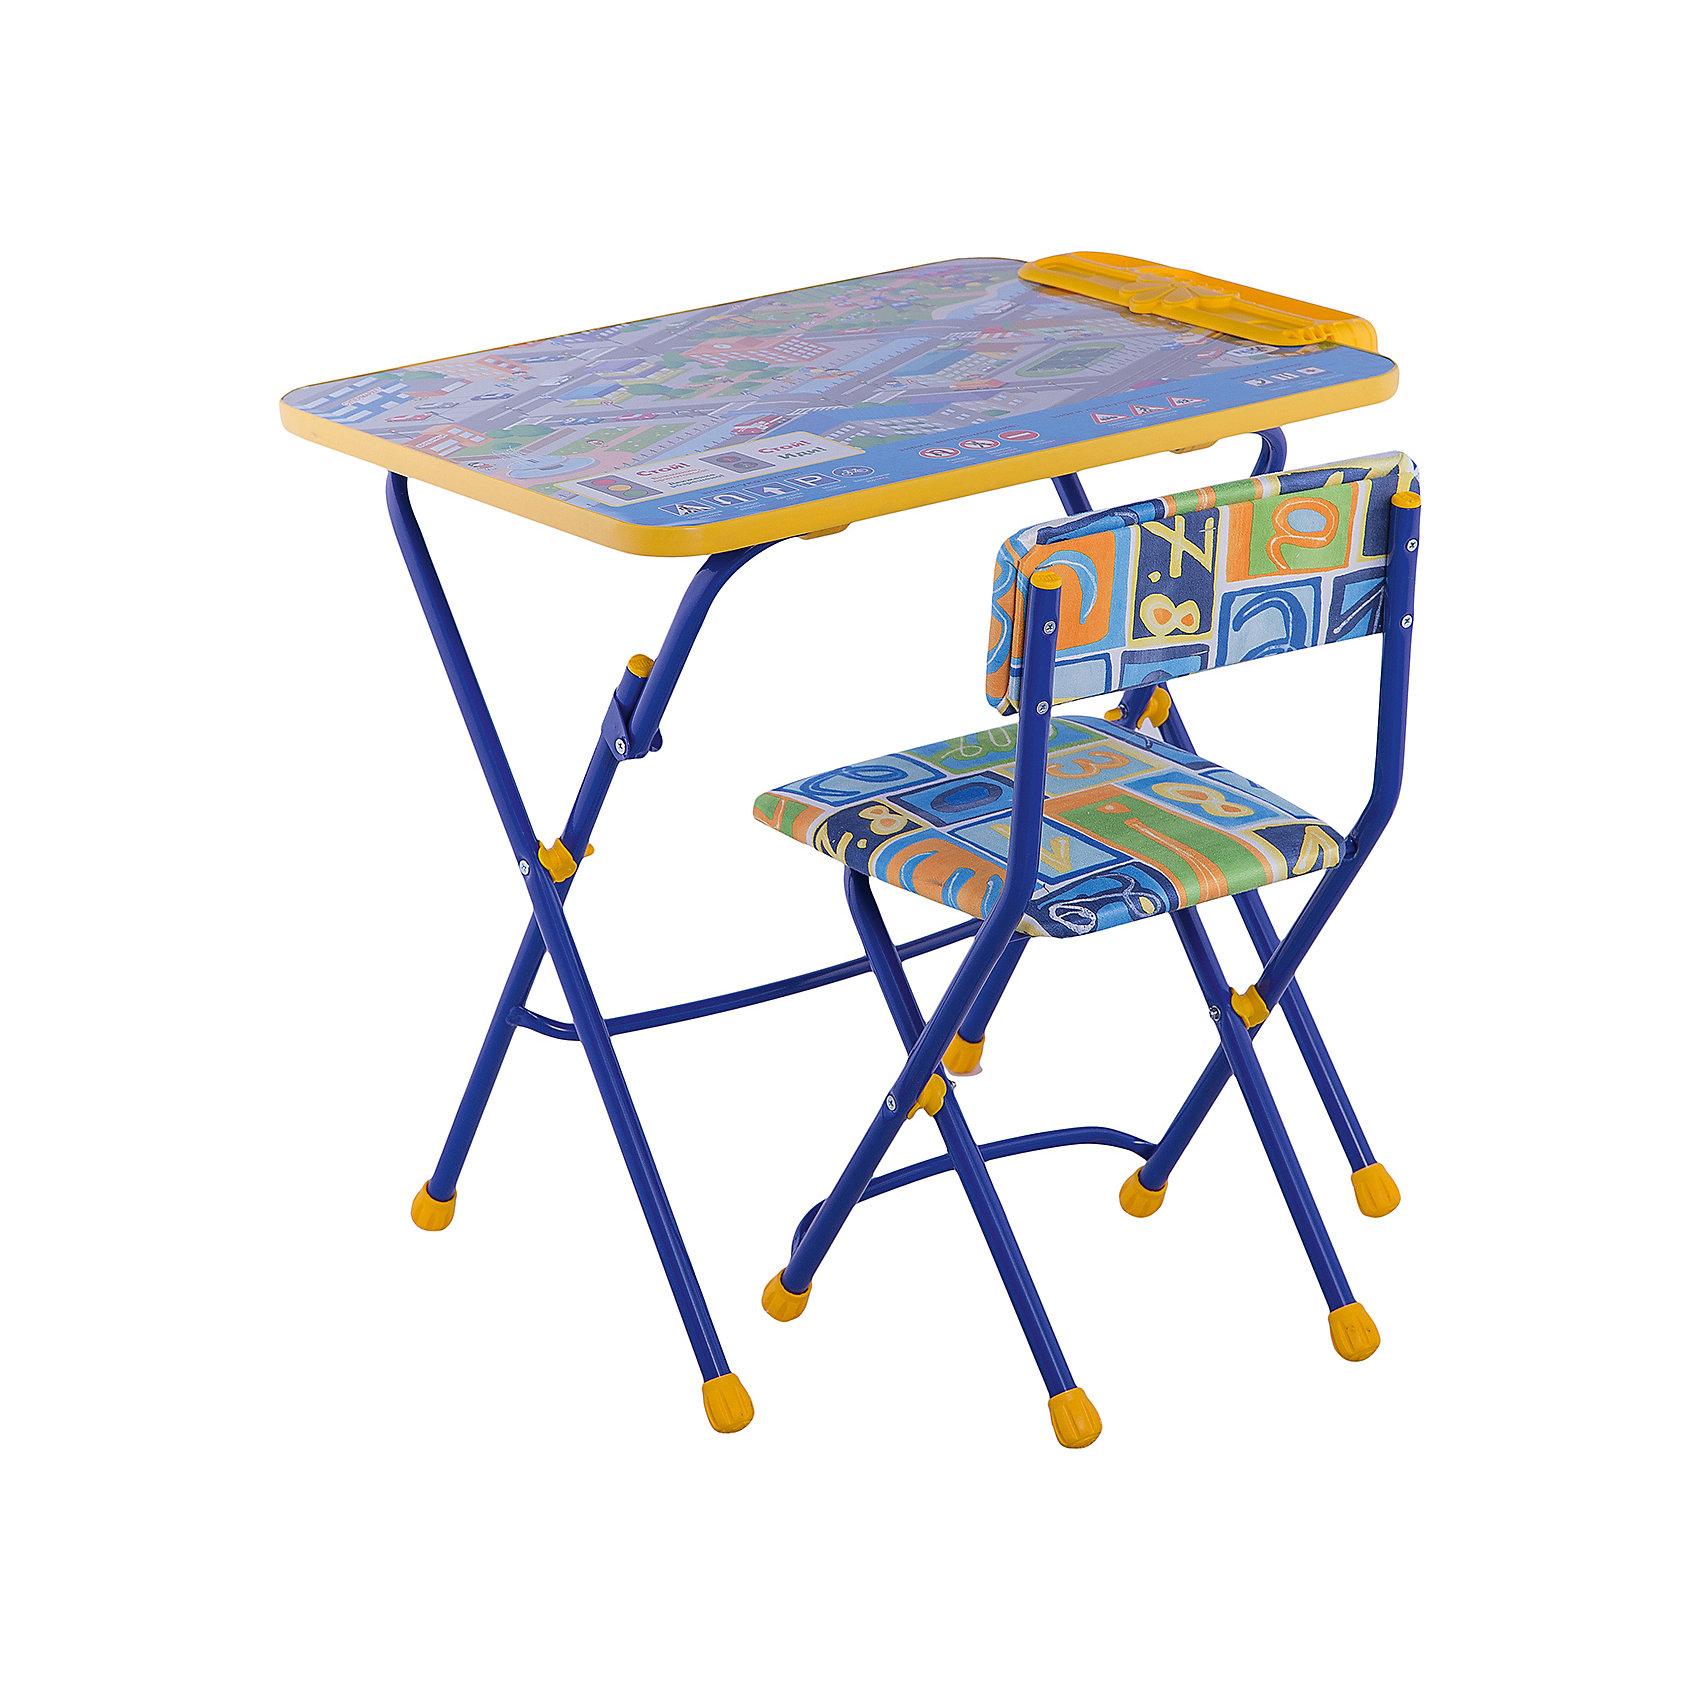 Набор мебели Правила дорожного движенияСтолы и стулья<br>Симпатичный комфортный набор детской мебели Правила дорожного движения идеально подойдет для занятий, игр и творчества детей 3 -7 лет. В набор входят стол и стул с металлическим каркасом и мягким сиденьем. Пластиковая столешница оформлена красочными тематическими рисунками, которые познакомят ребенка с правилами дорожного движения, светофором, разметкой и дорожными знаками. На край стола крепится пенал для хранения письменных принадлежностей. Мебель удобна и безопасна для ребенка, углы стола и стула мягко закруглены. Ножки снабжены наконечниками, предотвращающими скольжение. Стул и стол легко складываются и не занимают много места при хранении.<br><br>Дополнительная информация:<br><br>- В комплекте: складной стол, мягкий складной стул.<br>- Материал: пластик, металл.<br>- Размер стула: высота до сиденья - 34 см., высота со спинкой - 59 см., размер сиденья - 30 х 30 см.<br>- Размер стола: 60 х 58 х 45 см.<br>- Размер упаковки: 75 х 60 х 15 см.<br>- Вес: 8,2 кг.<br><br>Комплект Правила дорожного движения, Ника, можно купить в нашем интернет-магазине.<br><br>Ширина мм: 8200<br>Глубина мм: 8200<br>Высота мм: 60<br>Вес г: 8200<br>Возраст от месяцев: 36<br>Возраст до месяцев: 96<br>Пол: Унисекс<br>Возраст: Детский<br>SKU: 4652037